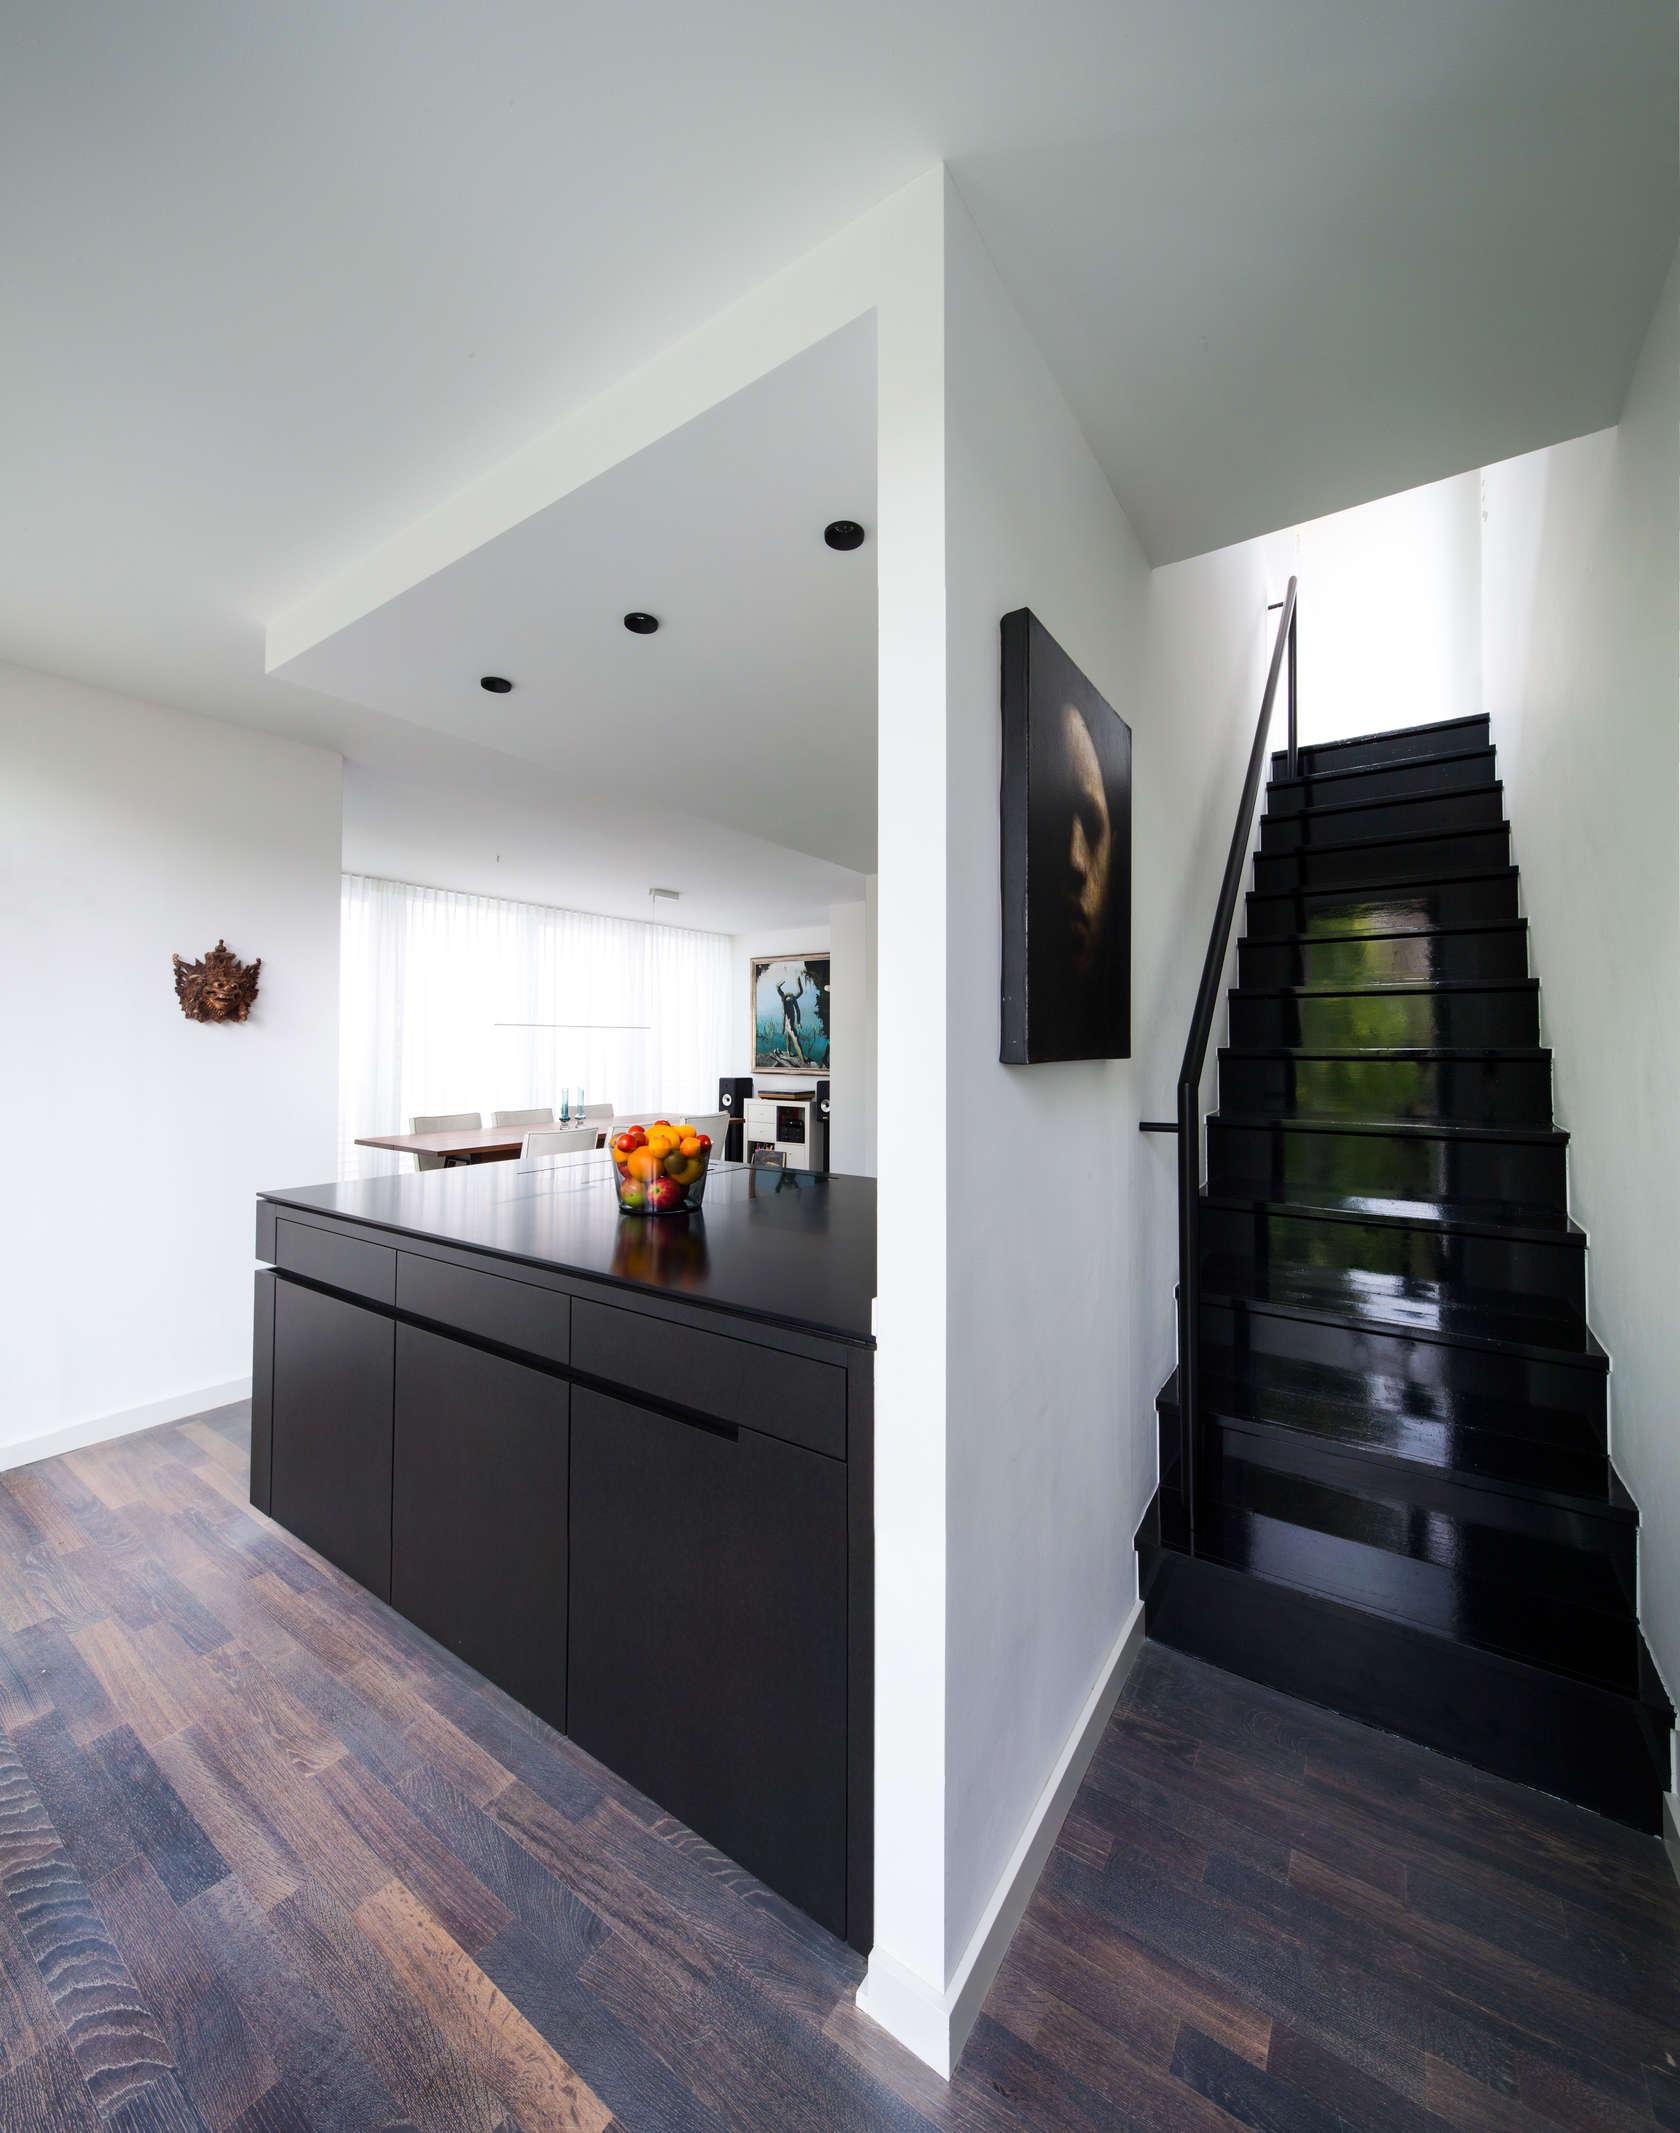 sch ne r ume architektur innenarchitektur architizer. Black Bedroom Furniture Sets. Home Design Ideas